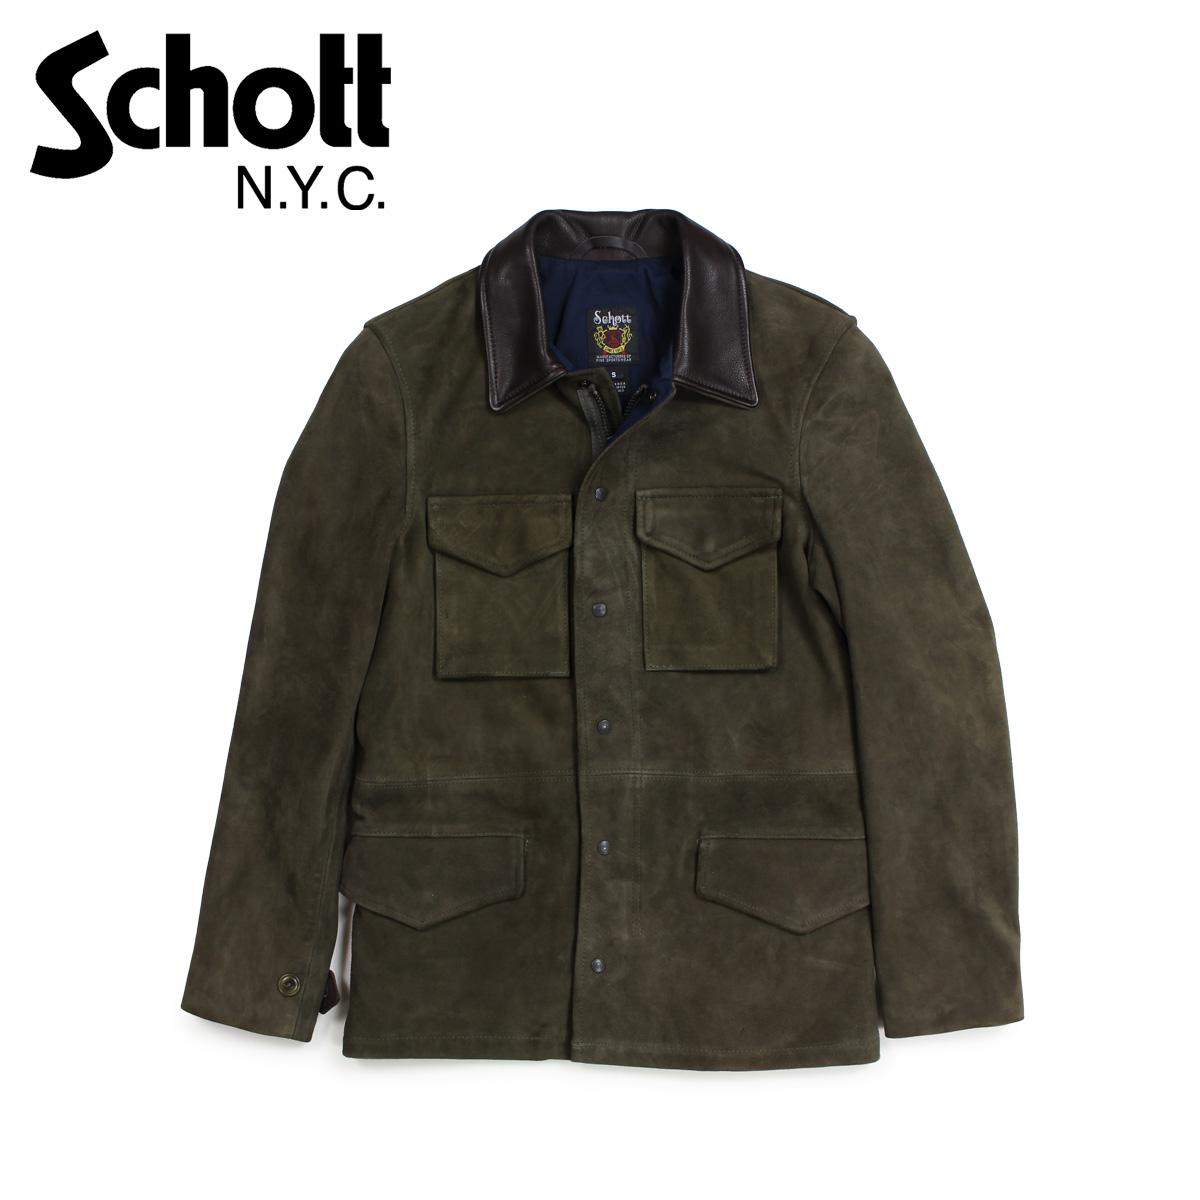 【最大2000円OFFクーポン】 ショット Schott ジャケット M51 ミリタリージャケット メンズ MENS SUEDE M-51 JACKET オリーブ 258